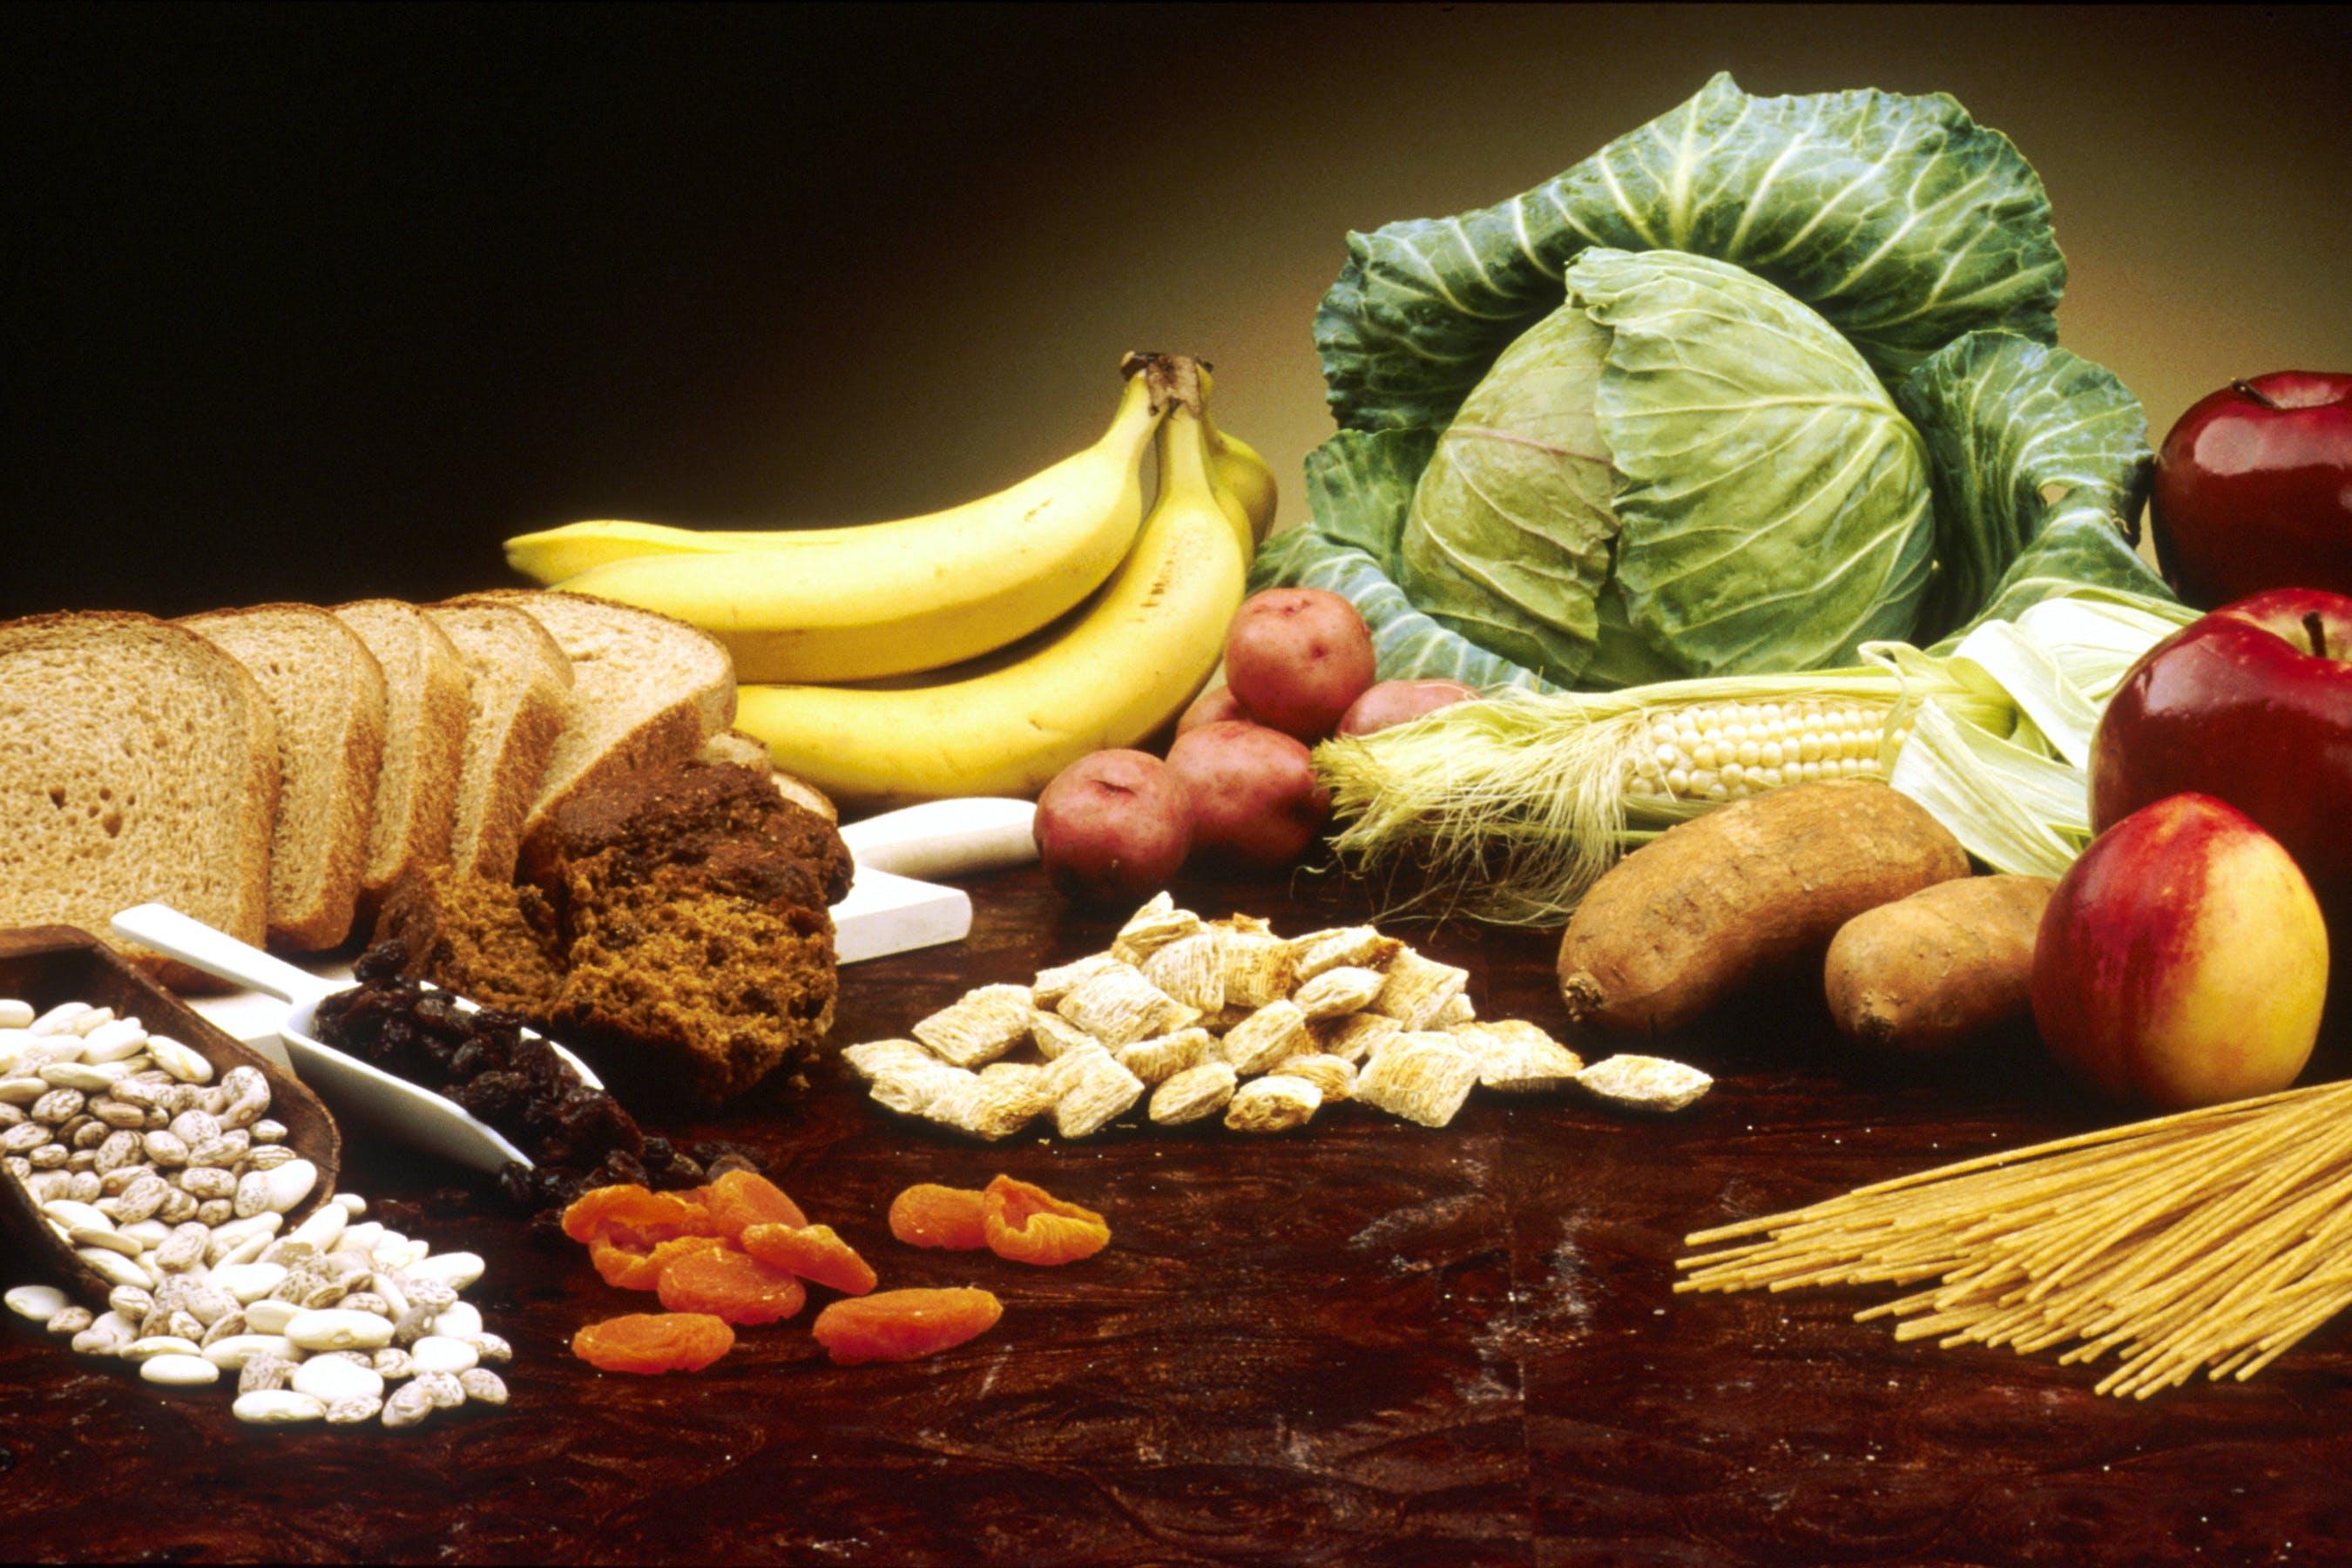 dieta-vegetariana-e-bodybuilding